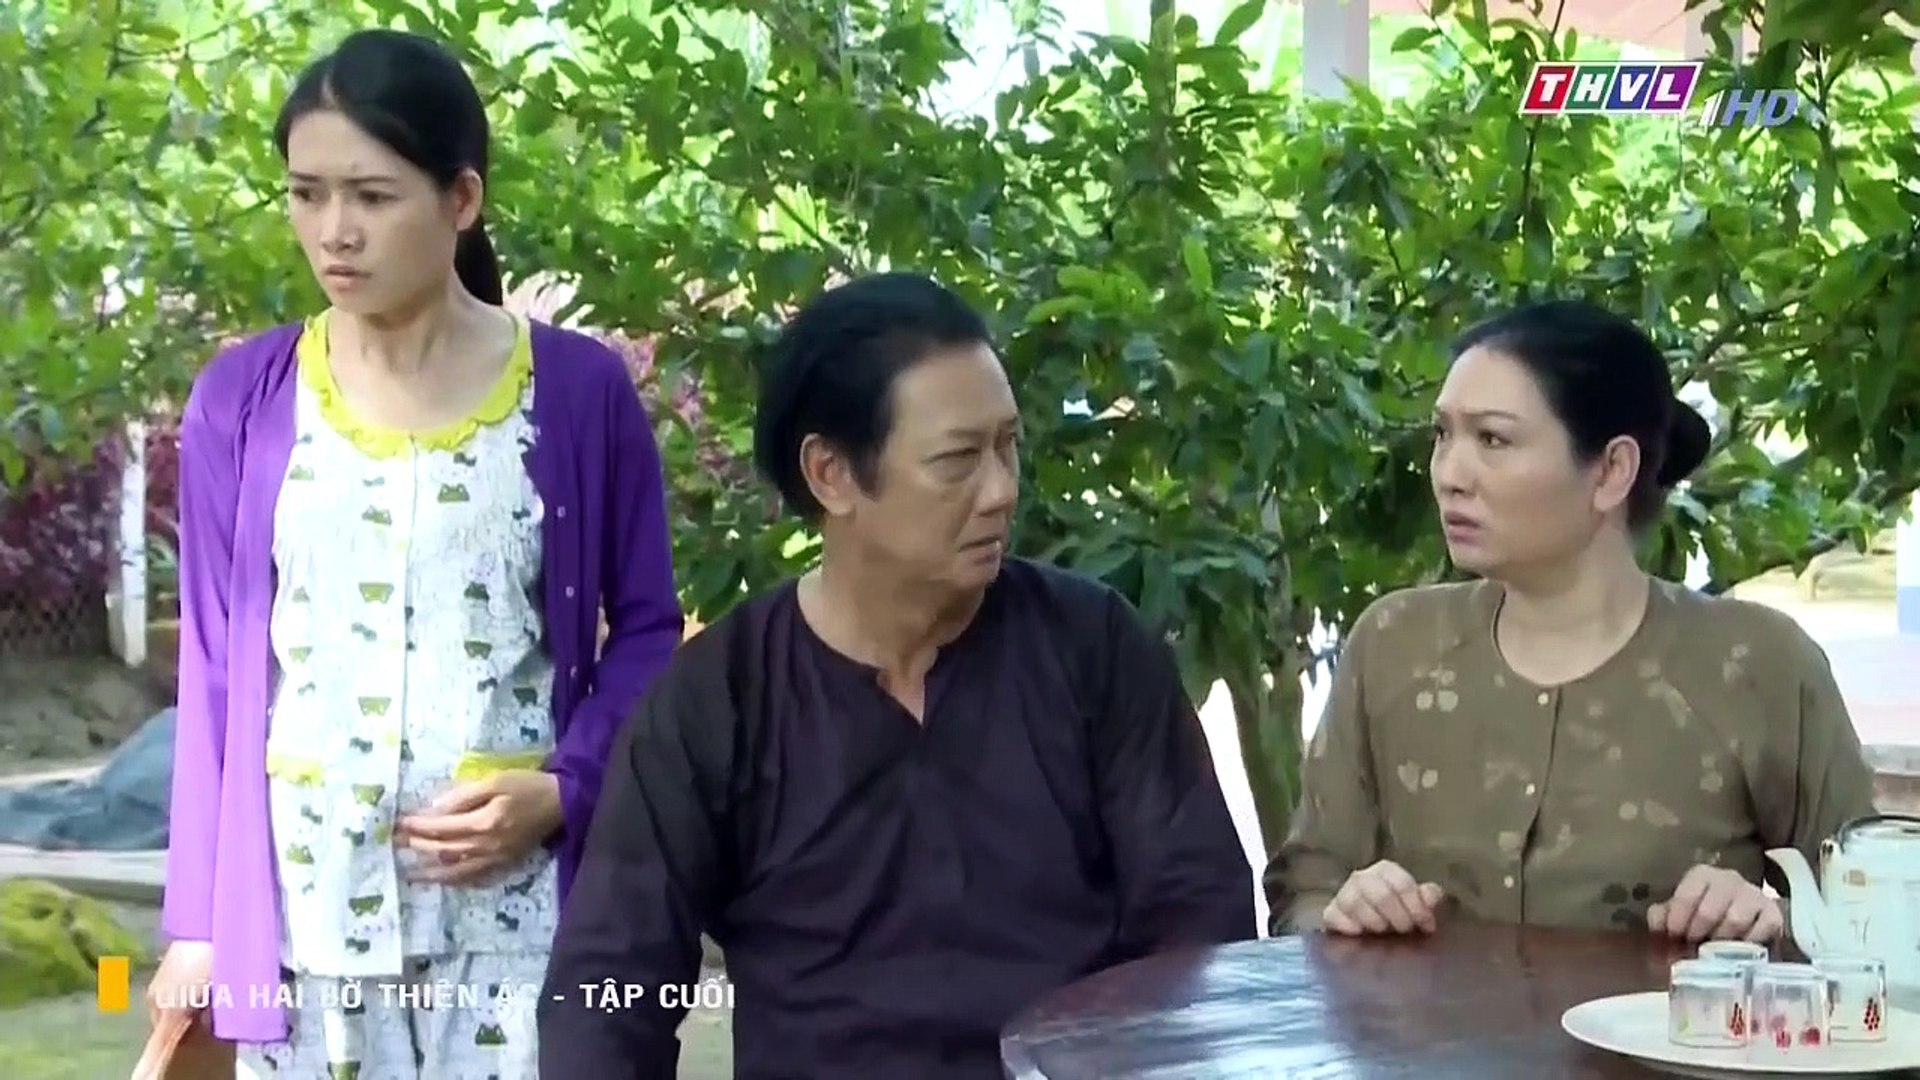 Giữa Hai Bờ Thiện Ác Tập 30 - Tập Cuối  - Ngày 18/07/2019 - Phim Giua Hai Bo Thien Ac Tap Cuoi - Phi